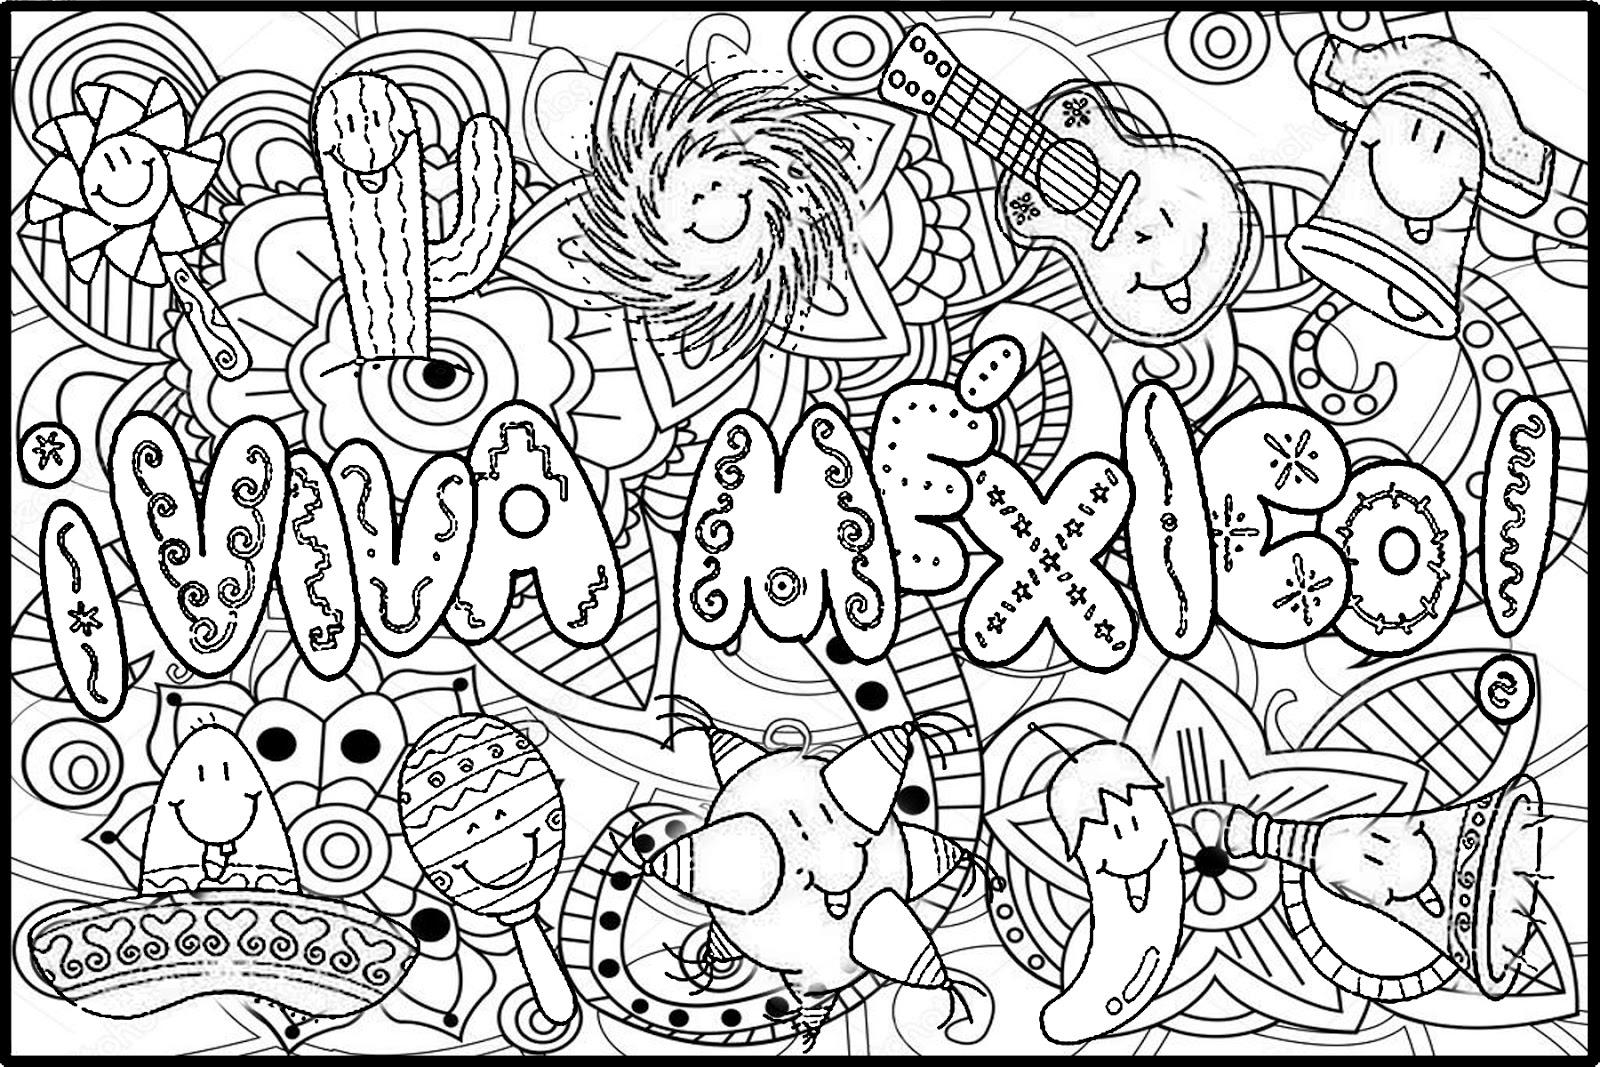 Dibujos De Mandalas Para Colorear Para Ninos: Pinto Dibujos: Mandala Del 16 De Septiembre Para Niños